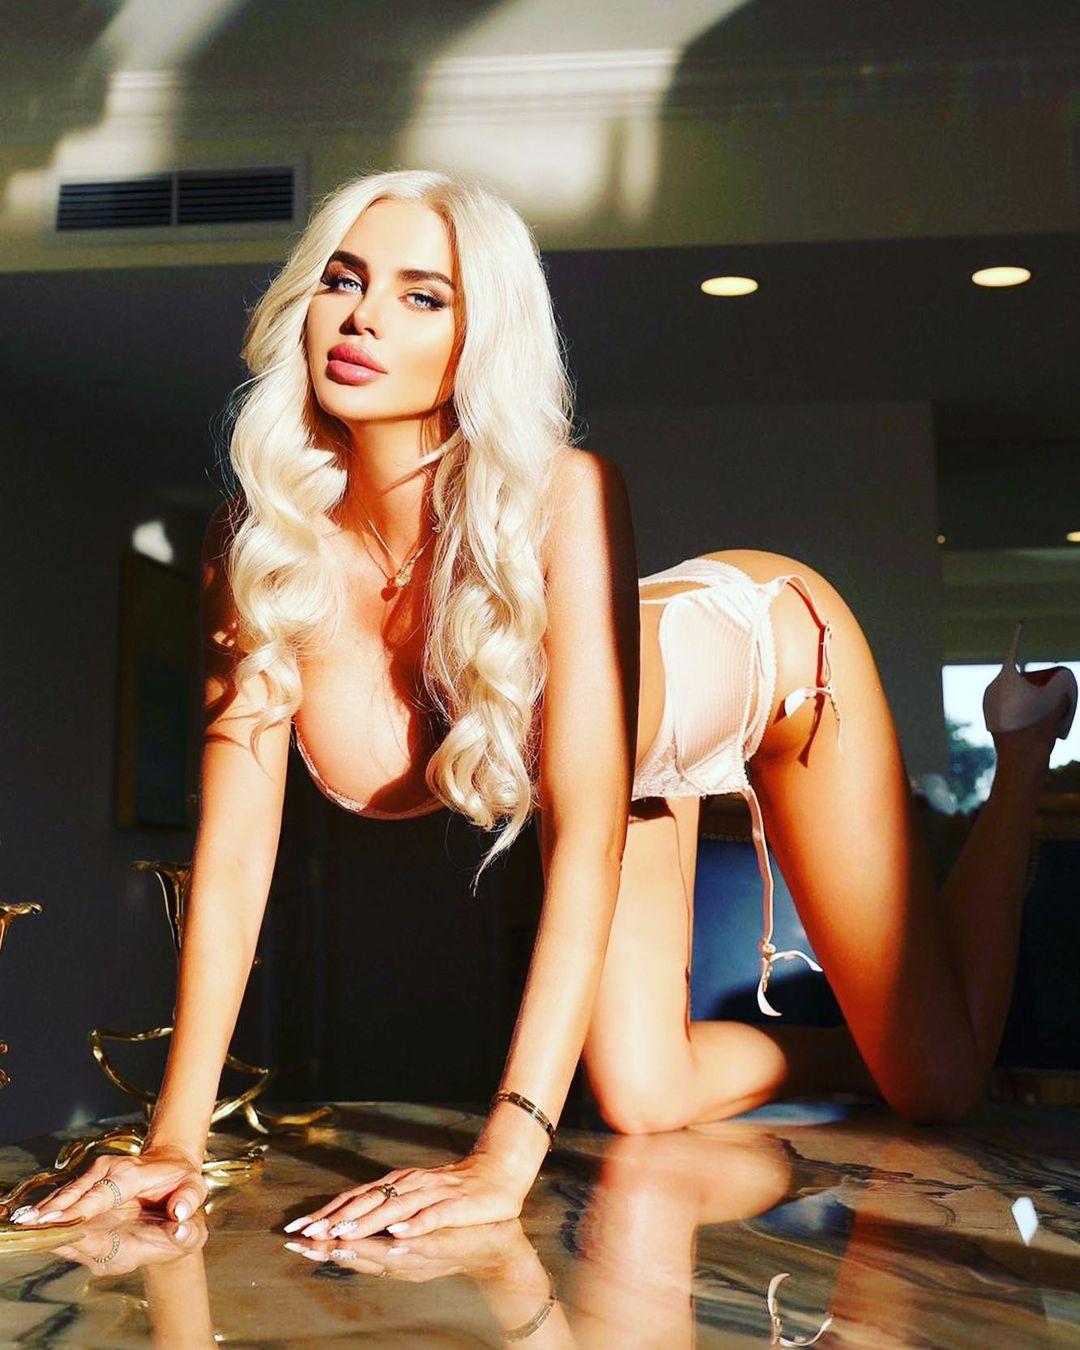 Elisa Bethann - Мегасексуальная модель нижнего белья и бикини 16